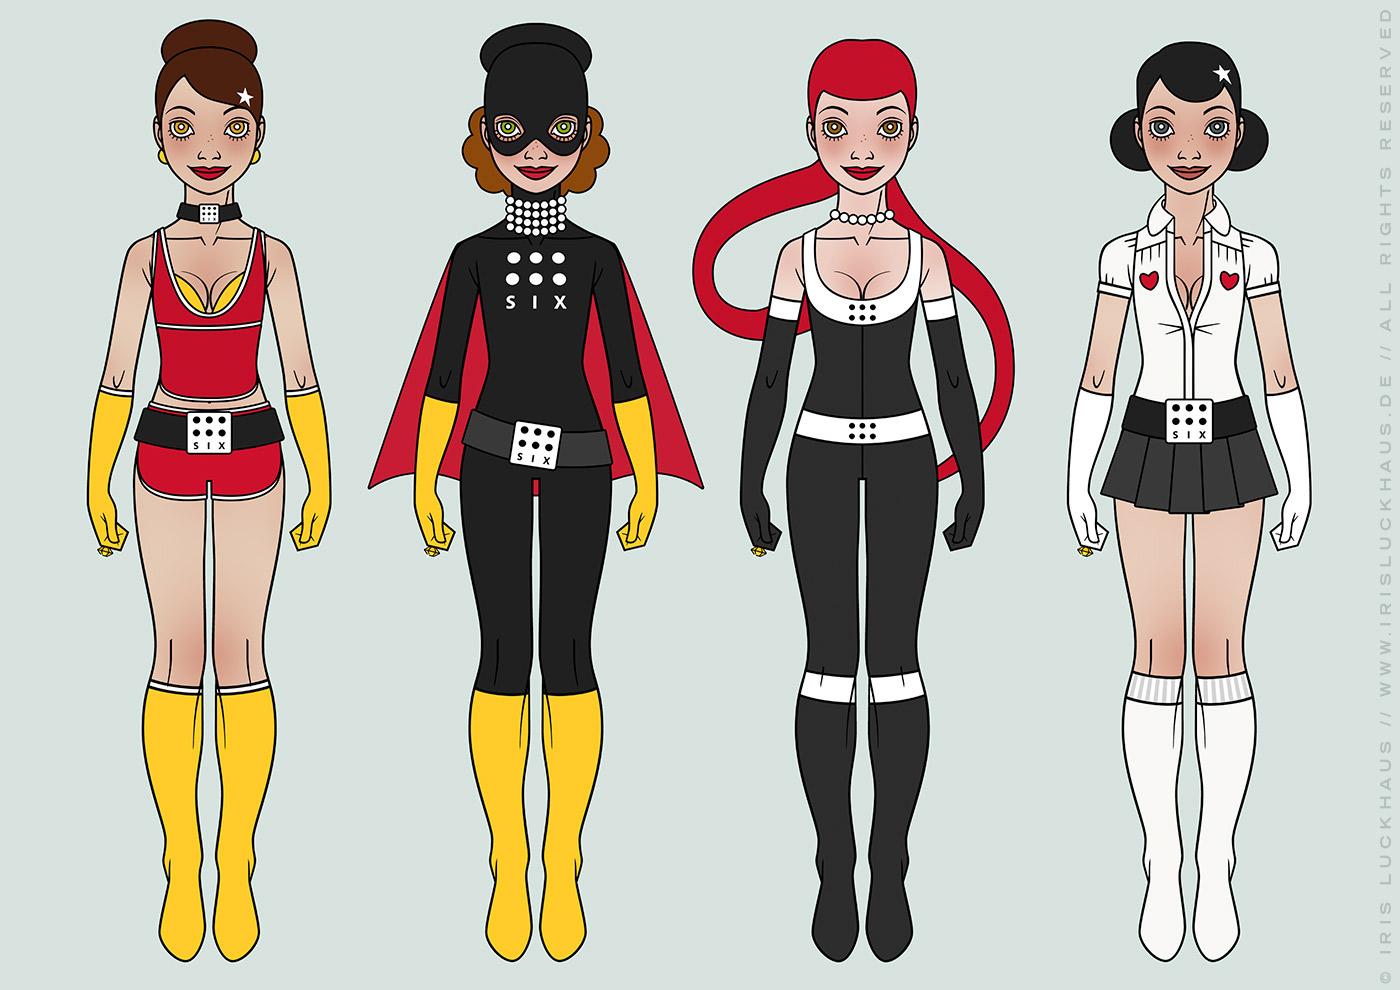 Character Design, Mode und Kostüme für ein Pinup Mädchen als Superheldin oder Supergirl Sixgirl für SIX Accessories von Iris Luckhaus